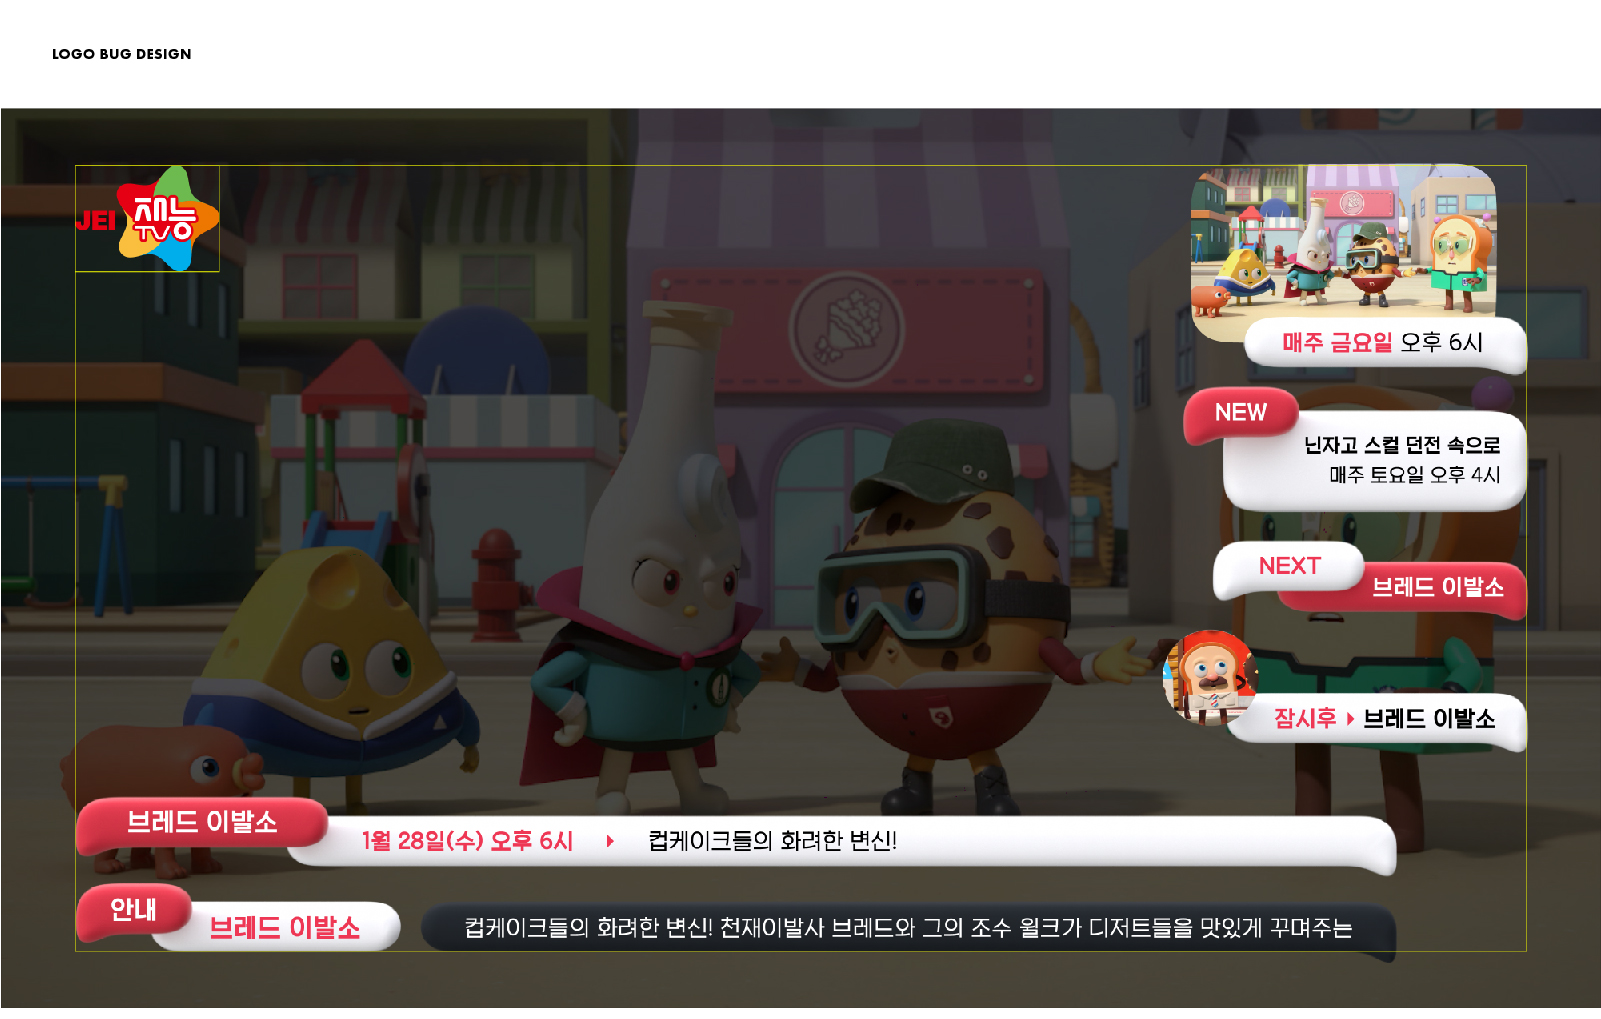 JEI TV PR 2021_white-13.jpg